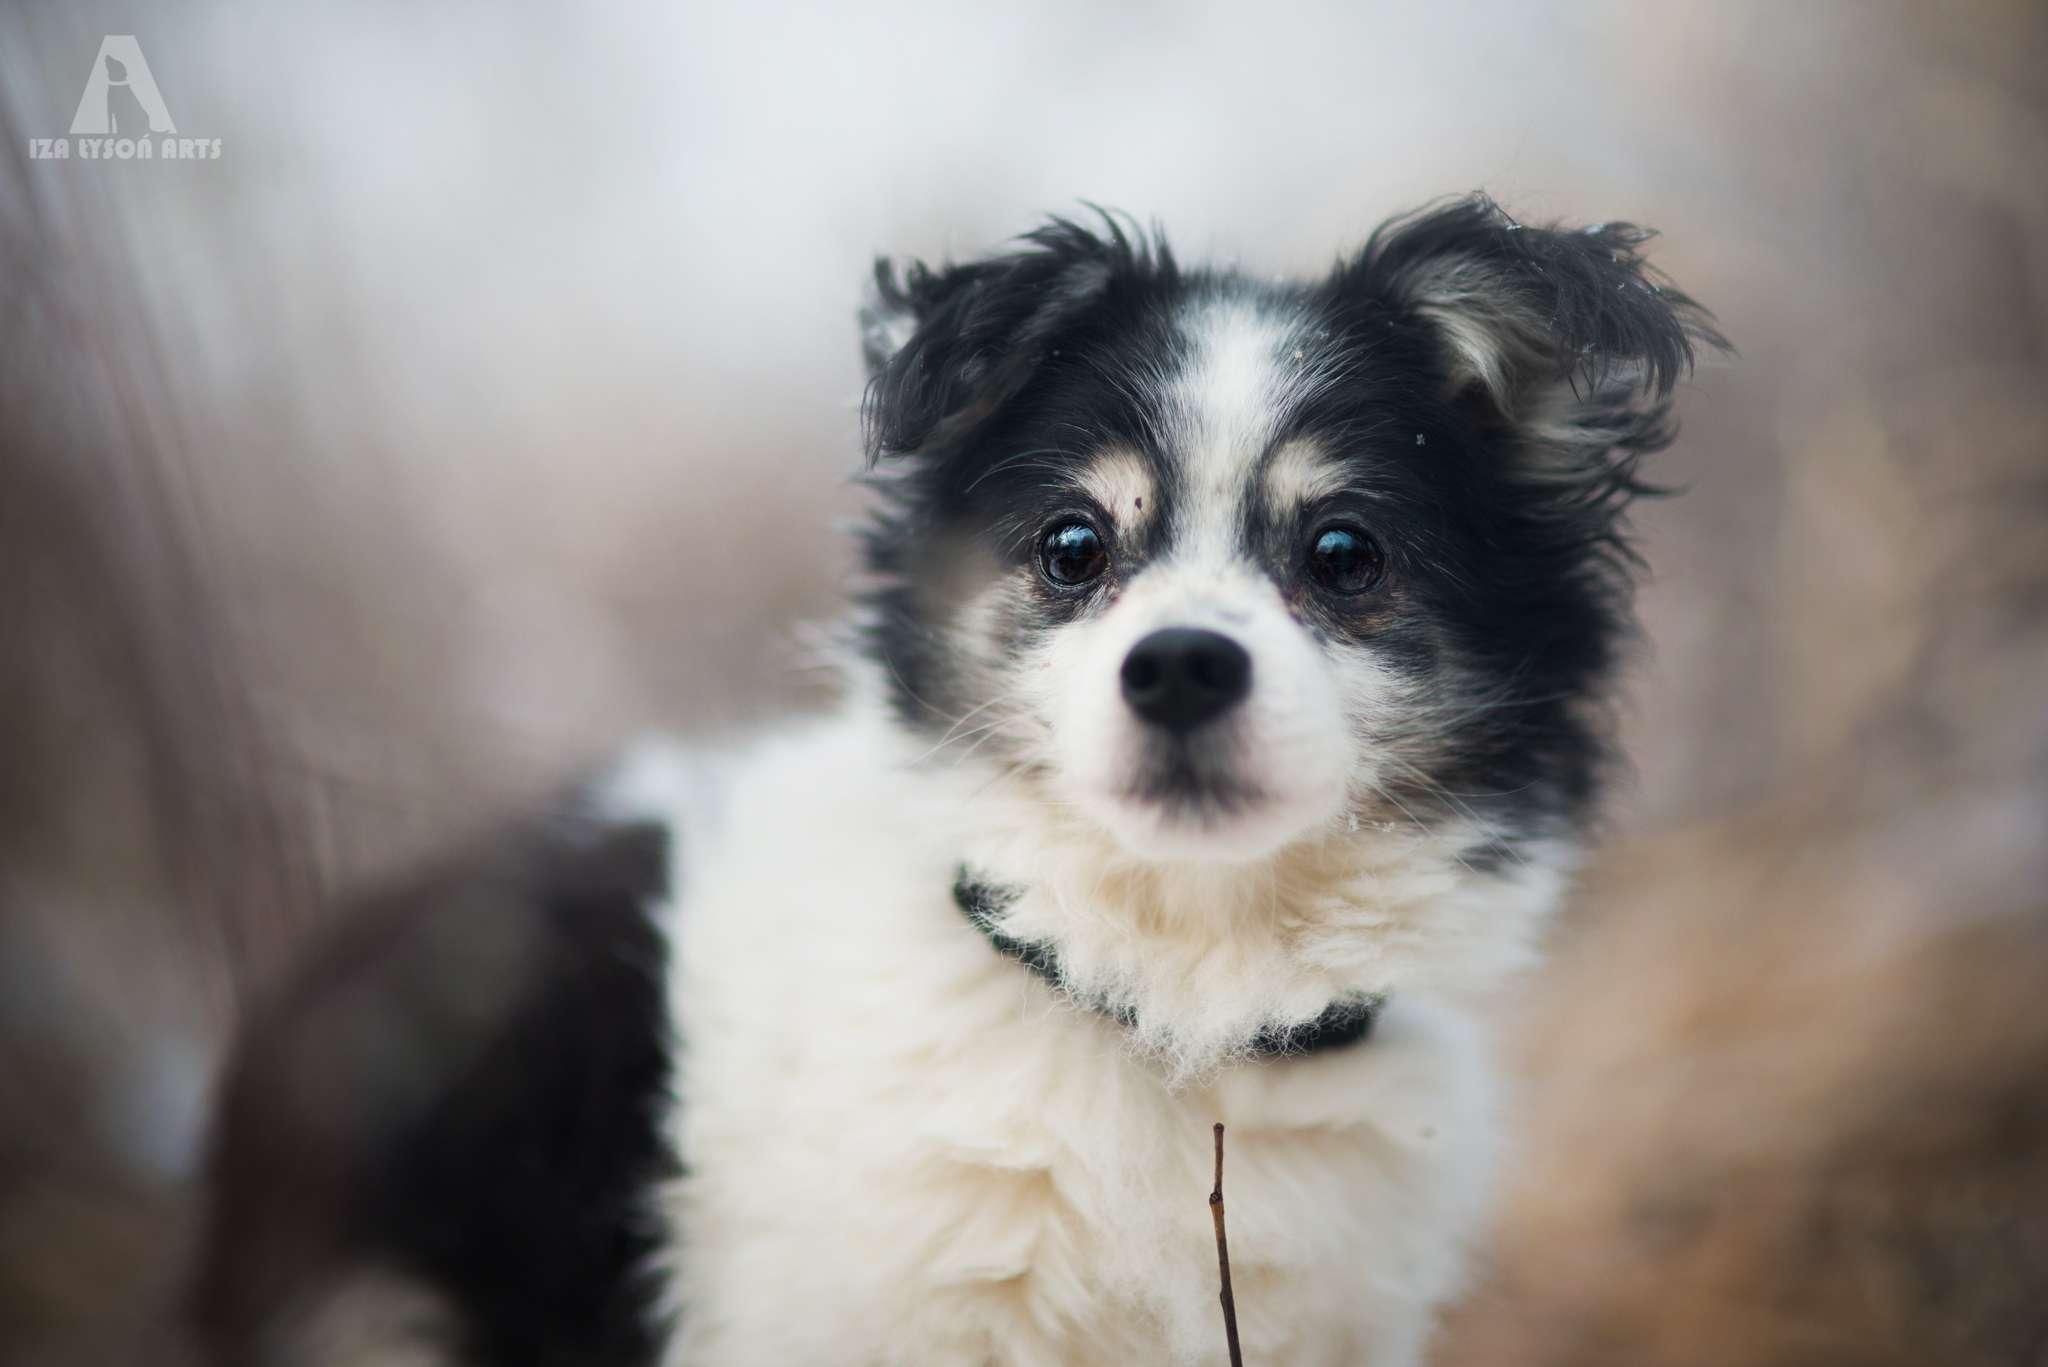 Dzięki zdjęciom wykonanym przez Izę i udostępnieniu ich na blogu Karmimy Psiaki puszek i kilka innych psiaków znalazło nowy dom!